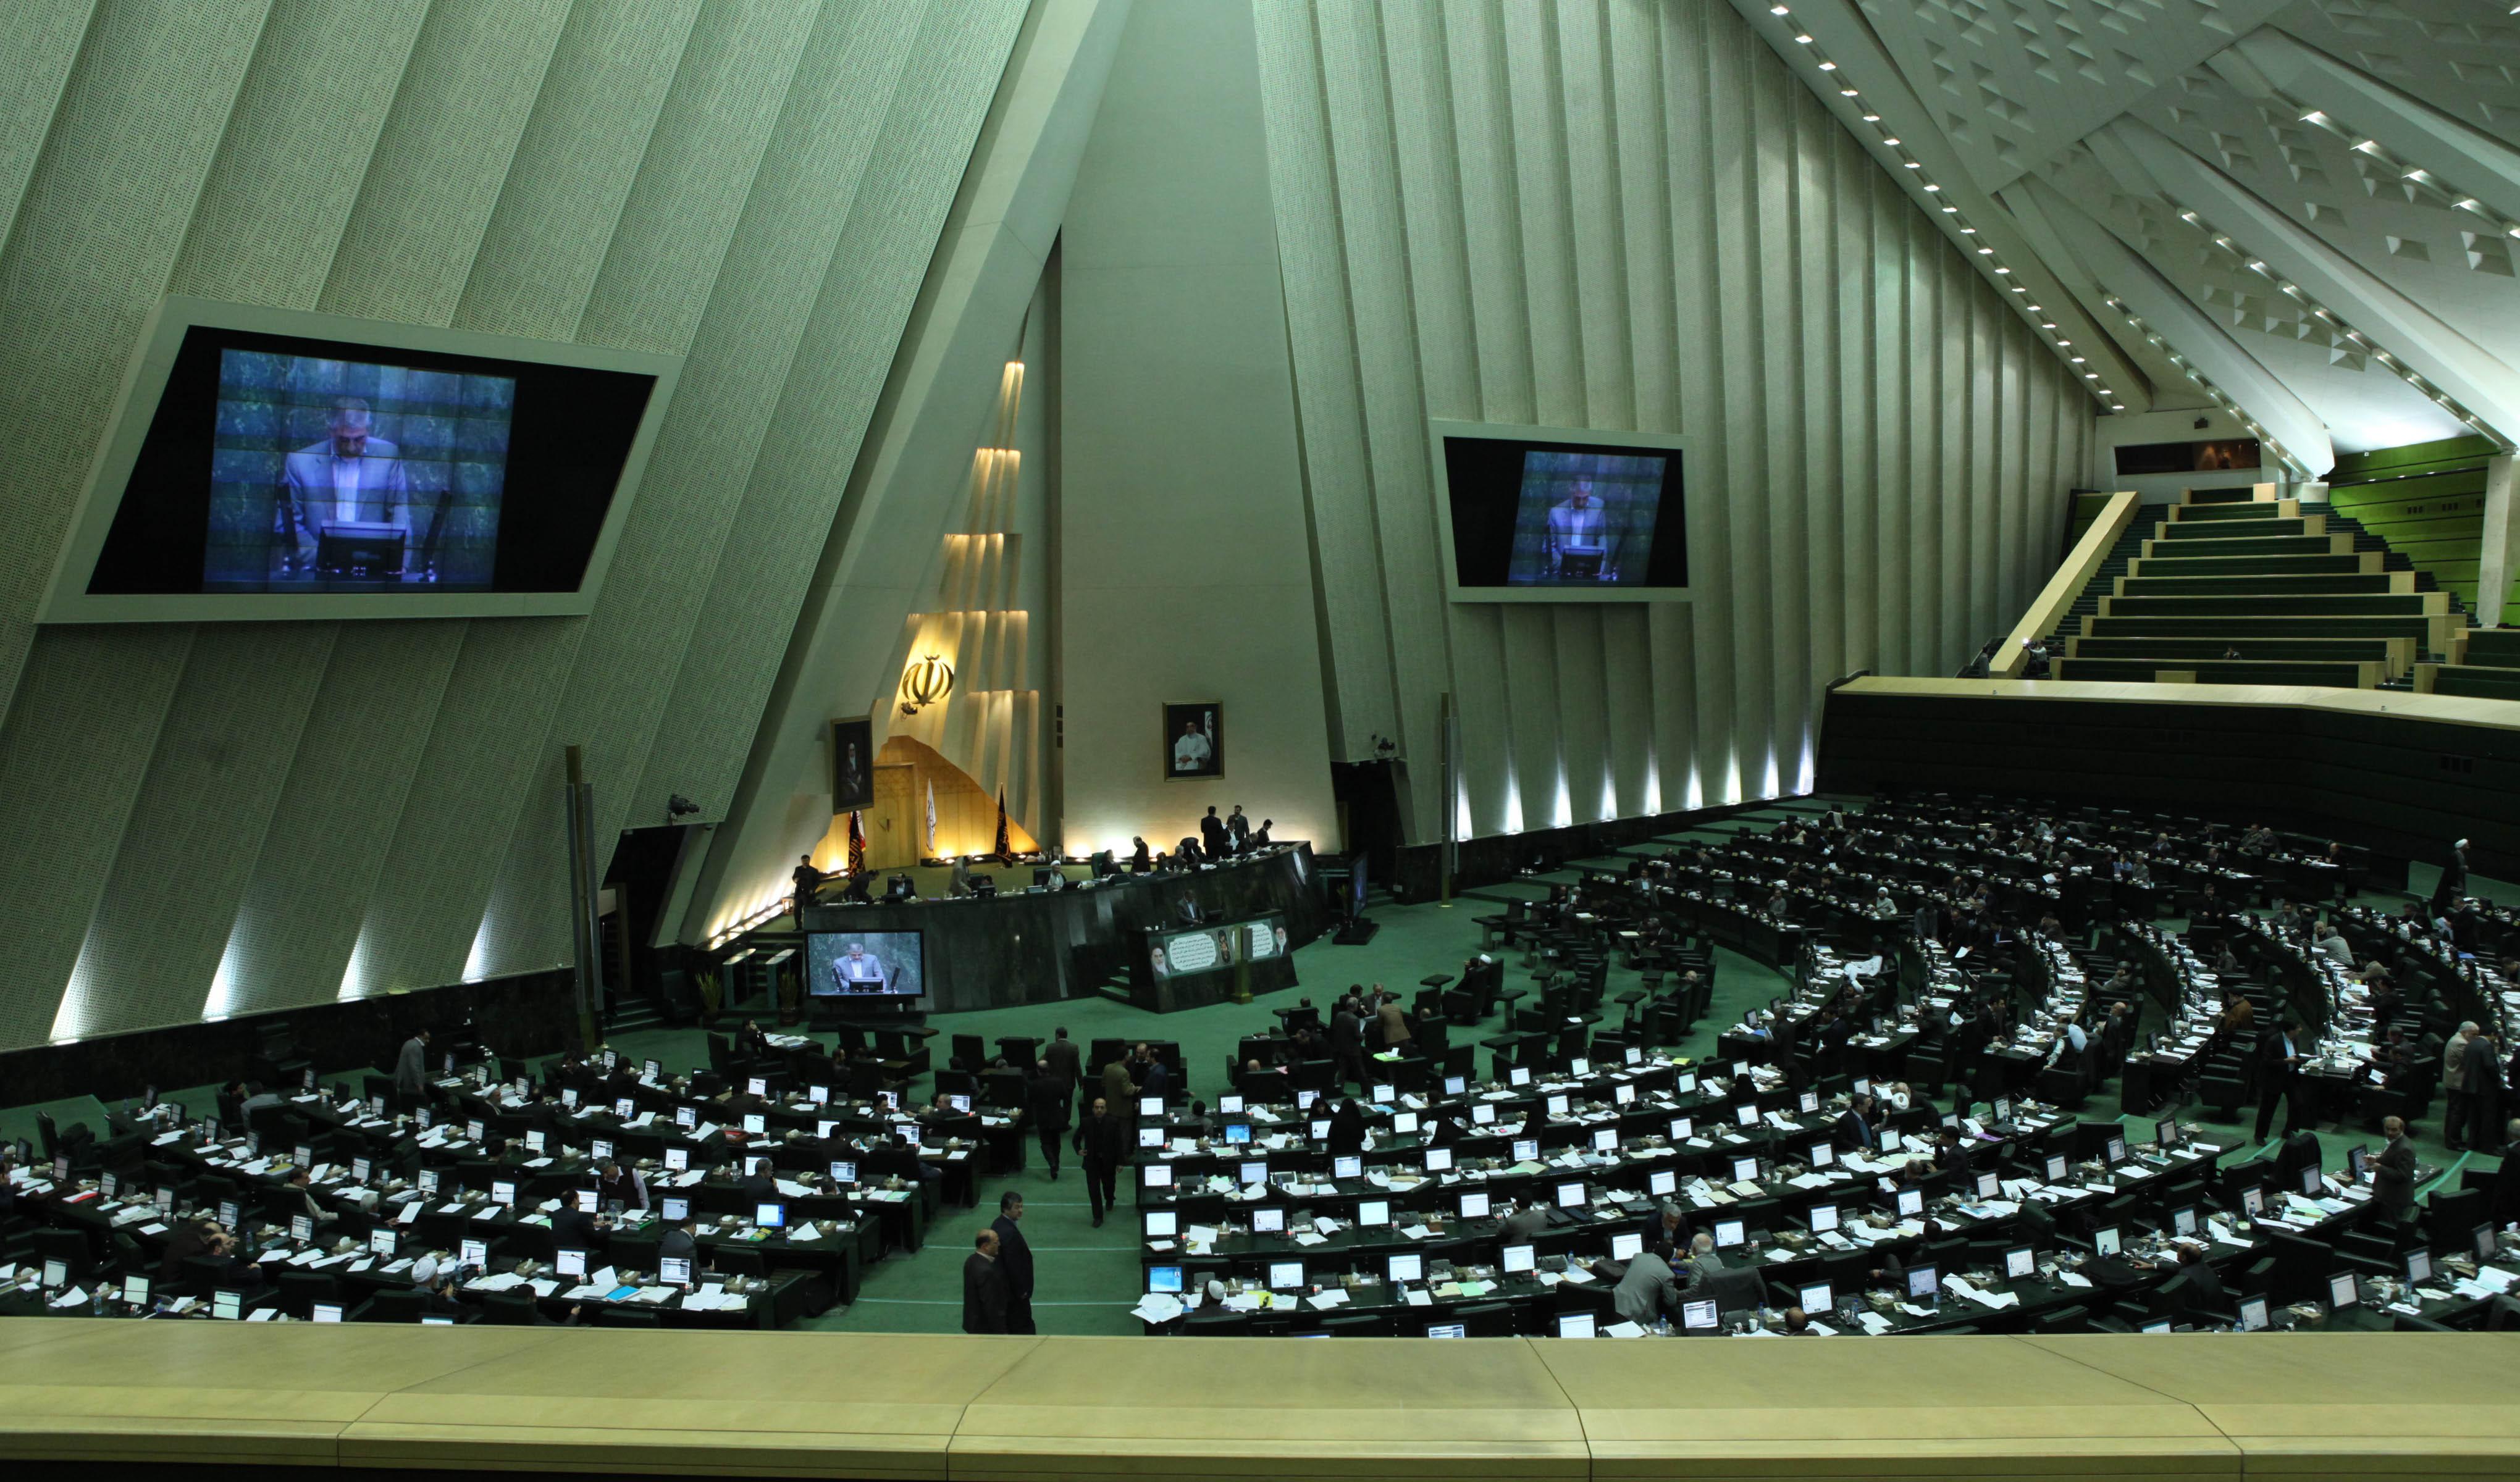 مجلس به دولت اجازه واگذاری بنگاههای دولتی در سال 98 را داد